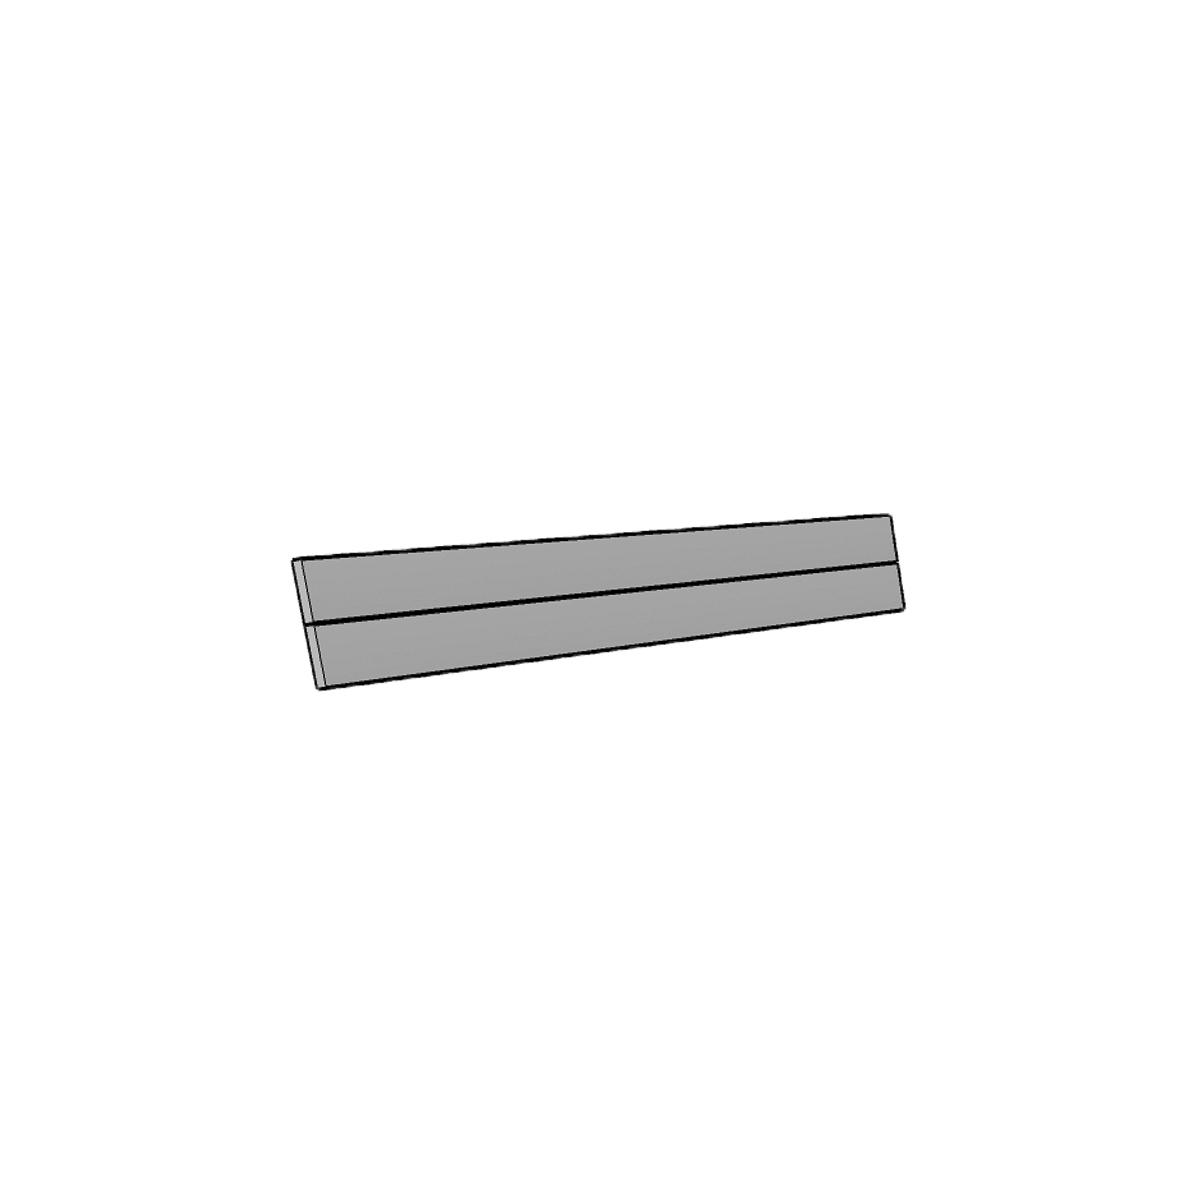 Headboard cushions-3